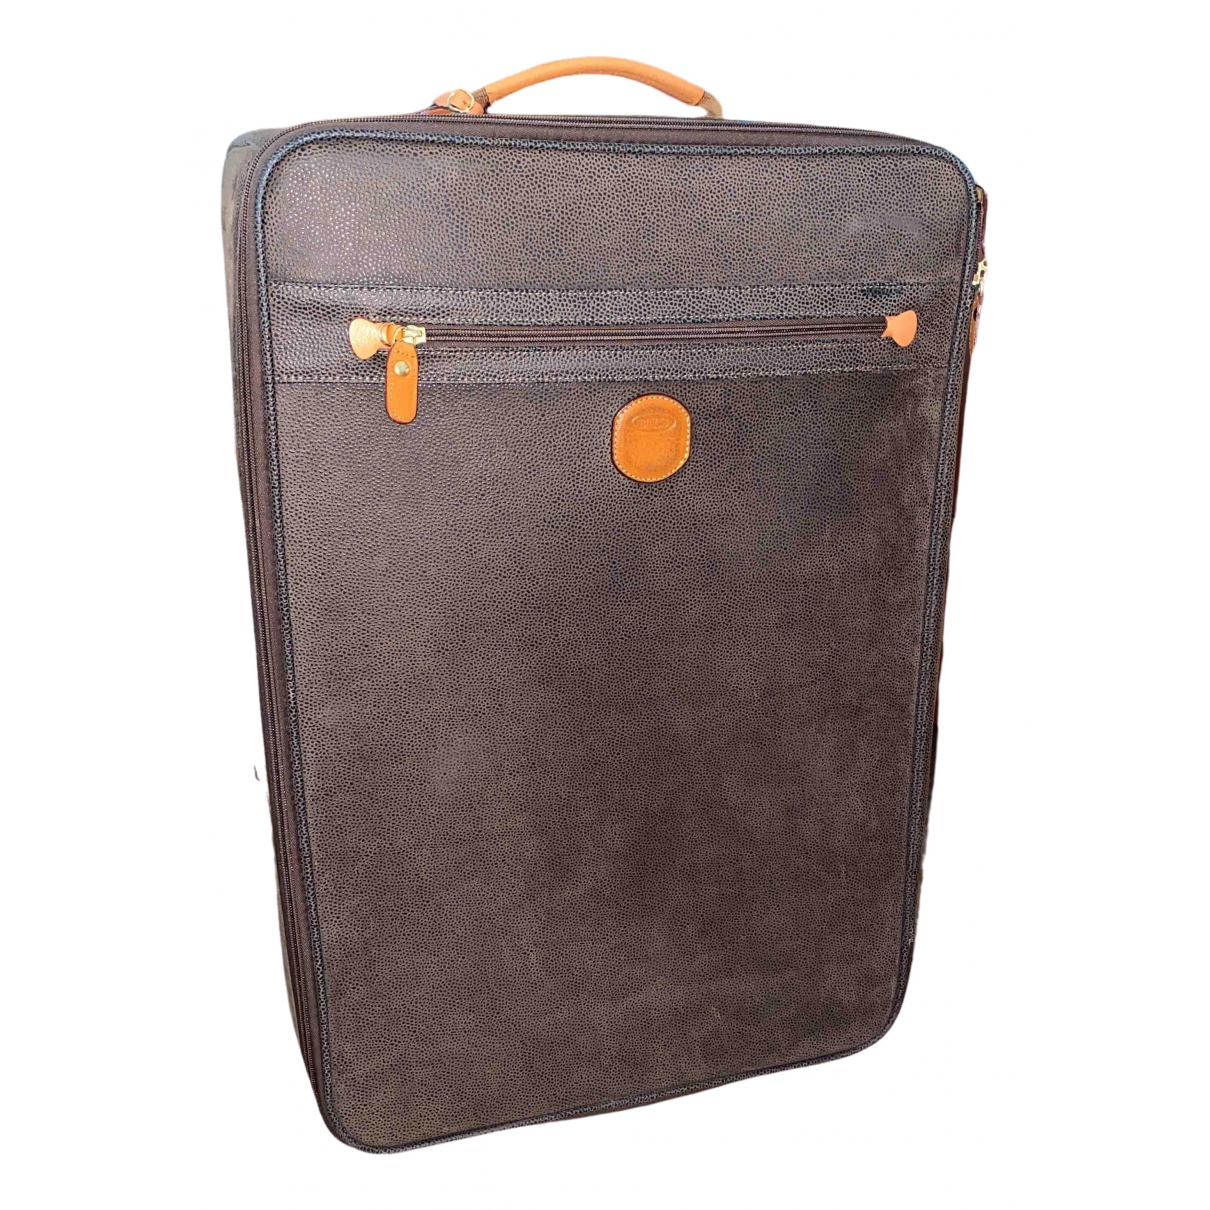 Brics - Sac de voyage   pour femme en cuir - marron